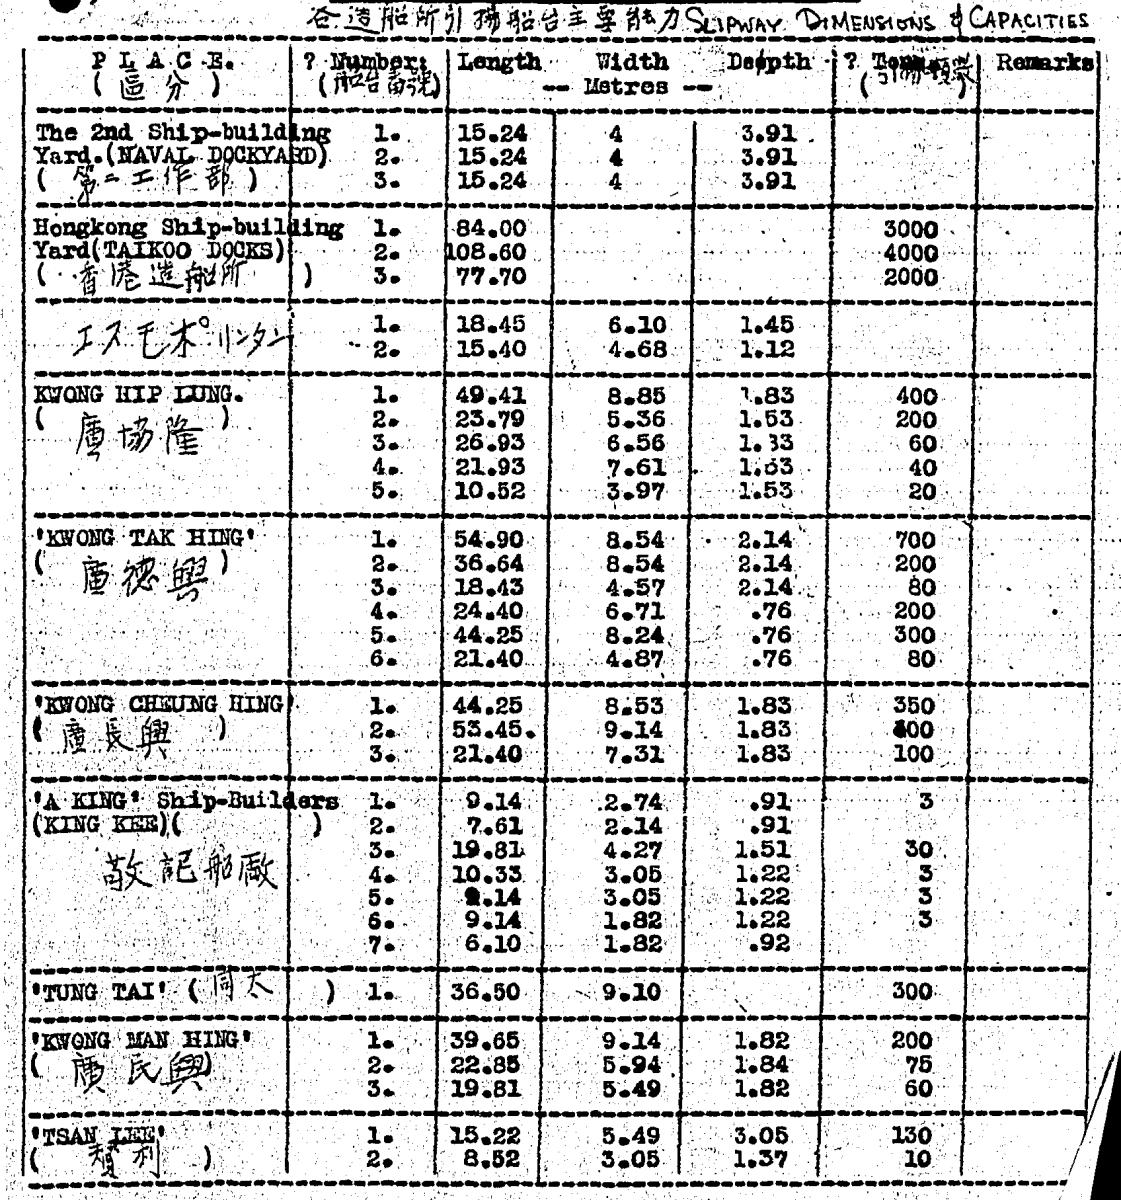 BAAG Report WIS #27 14.4.43 Slipways Dimensions + Capacities